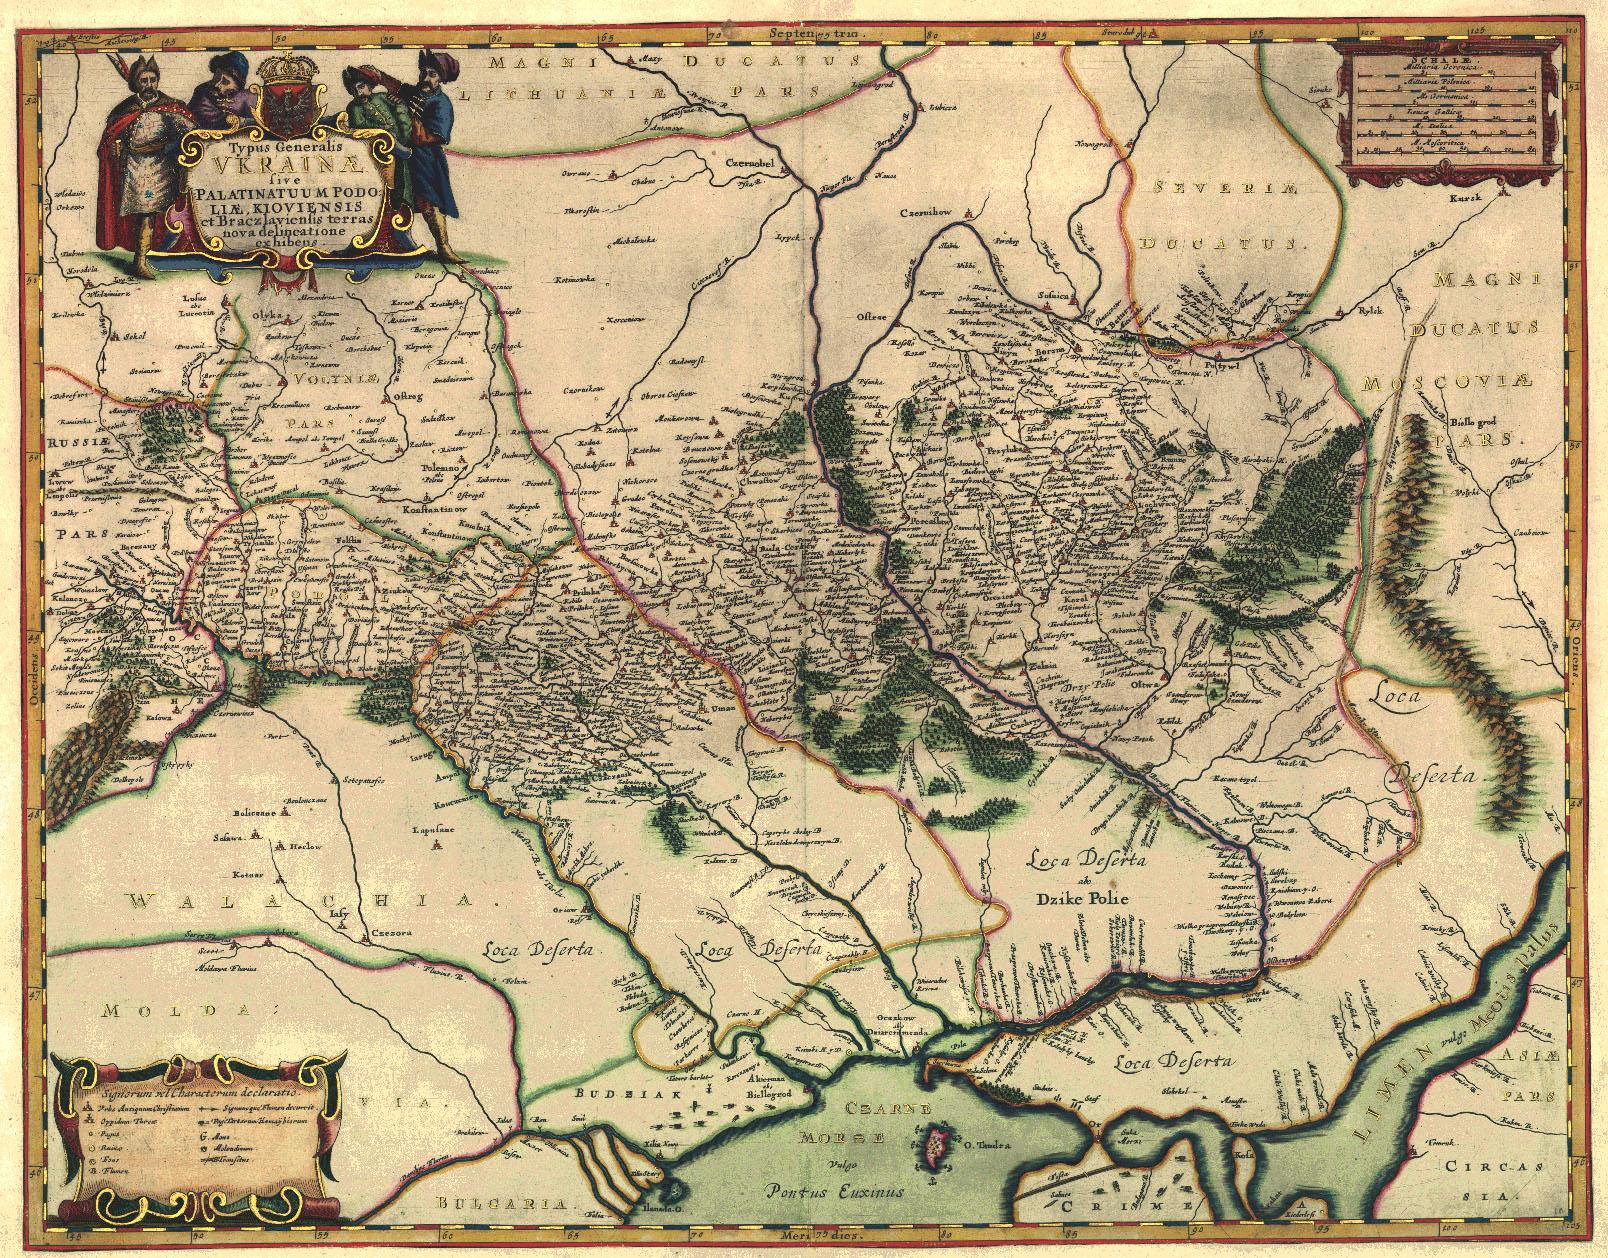 http://maps.vlasenko.net/historical/ukraine/podolia.jpg